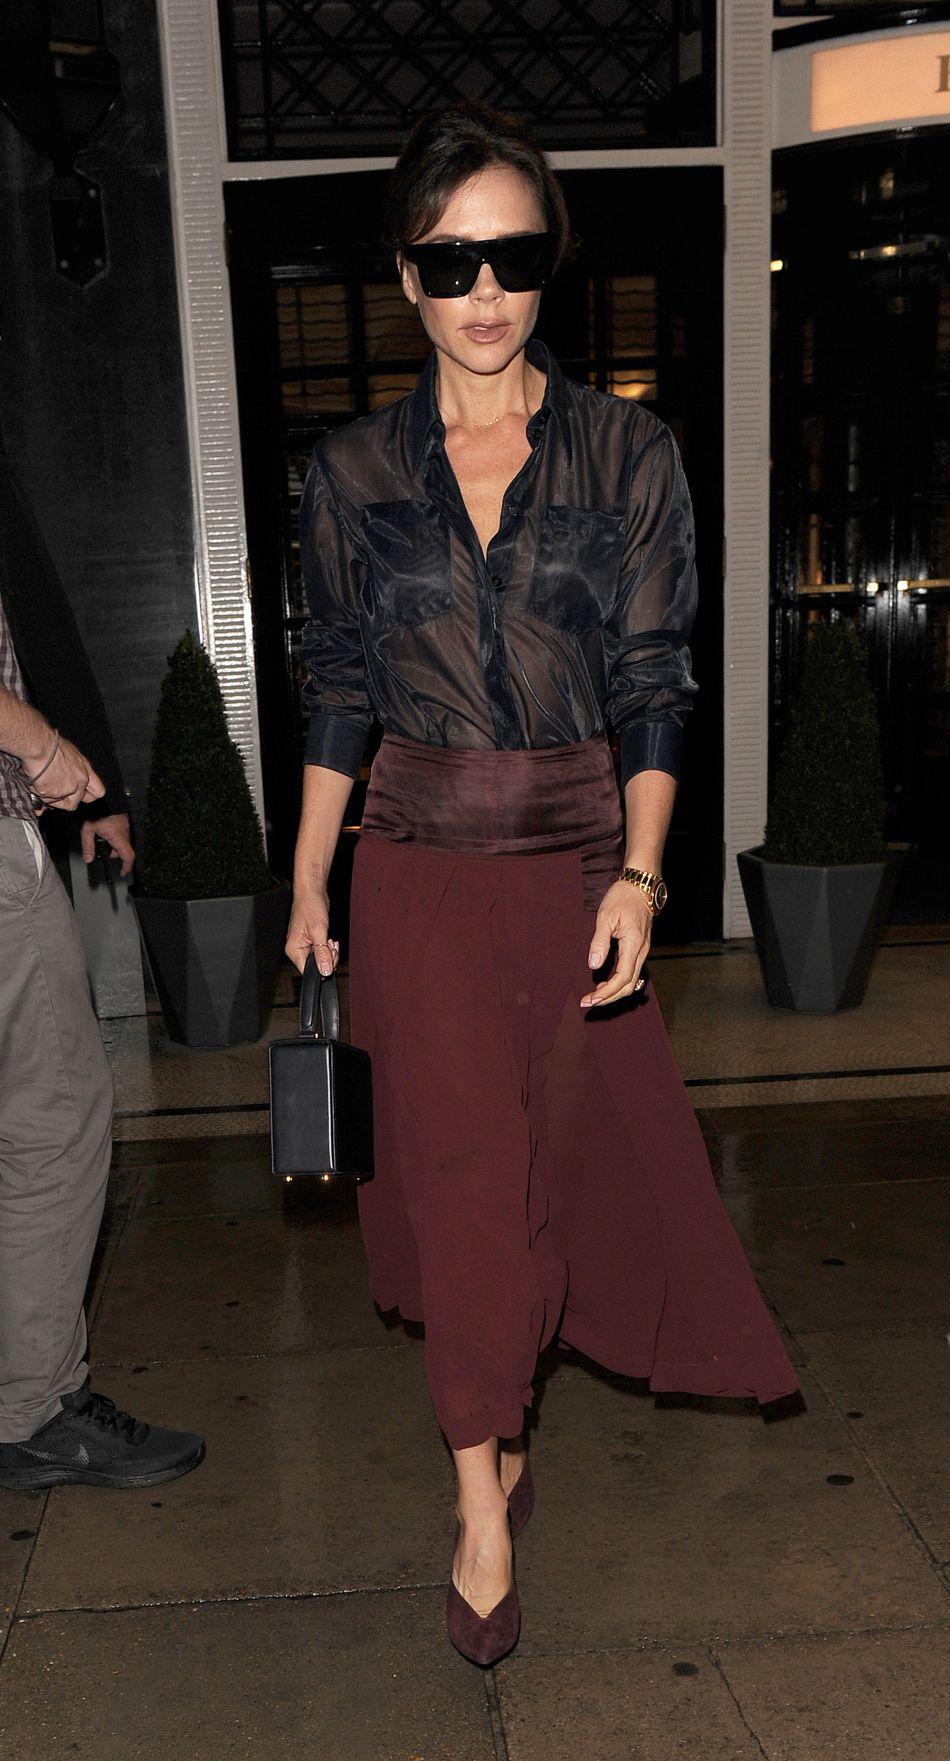 Victoria Beckham porte une jupe lie de vin de sa collection.